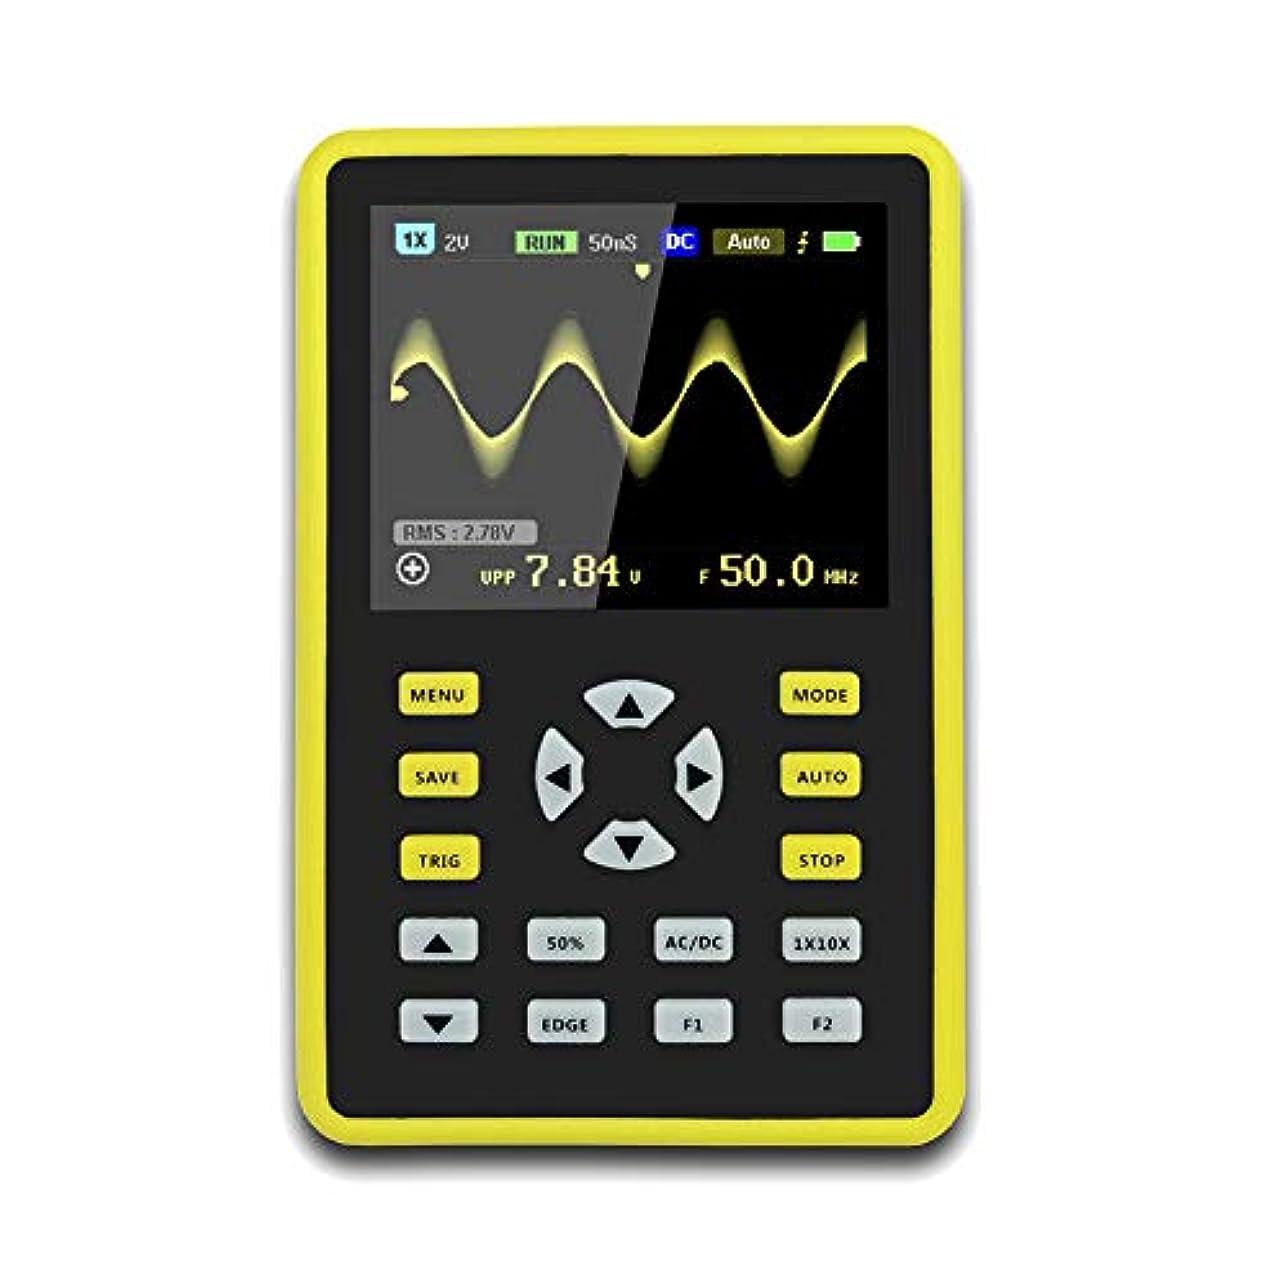 ラジエーター毎日提供するJanusSaja  手持ち型デジタル小型オシロスコープ2.4インチ500 MS/s IPS LCD表示スクリーンの携帯用